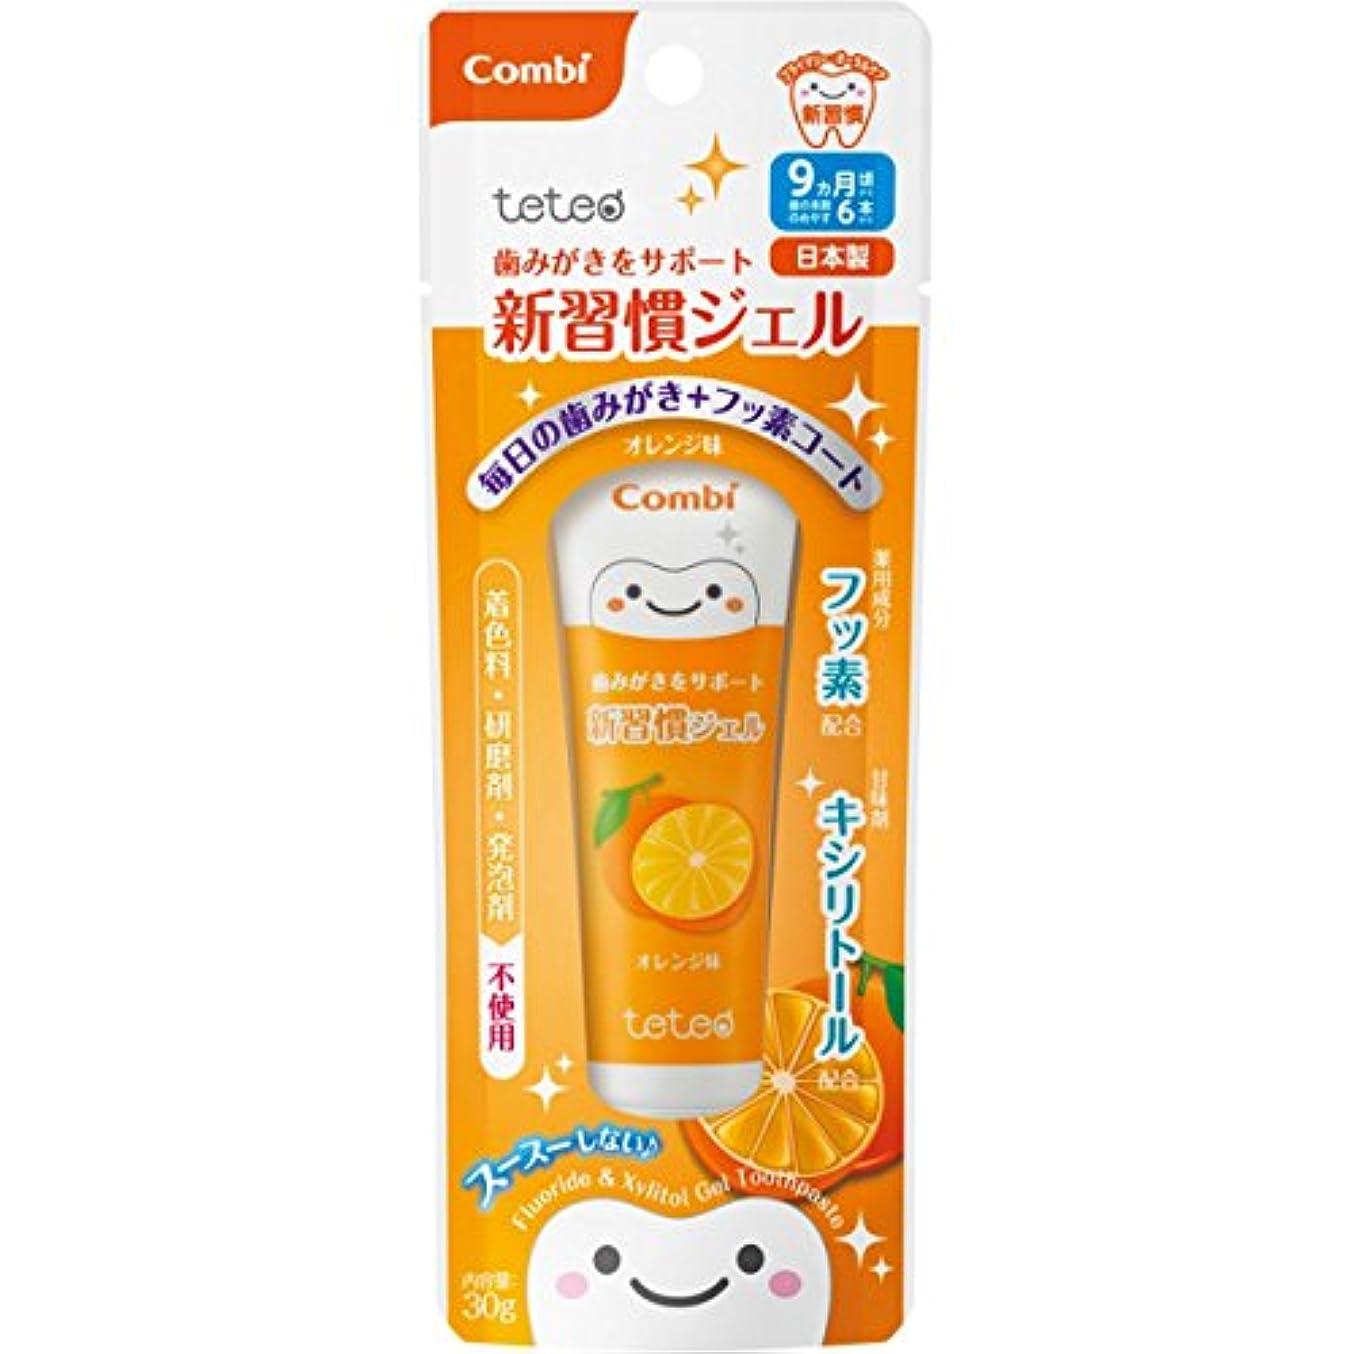 ハンマー到着アメリカ【テテオ】歯みがきサポート 新習慣ジェル オレンジ味 30g×3個